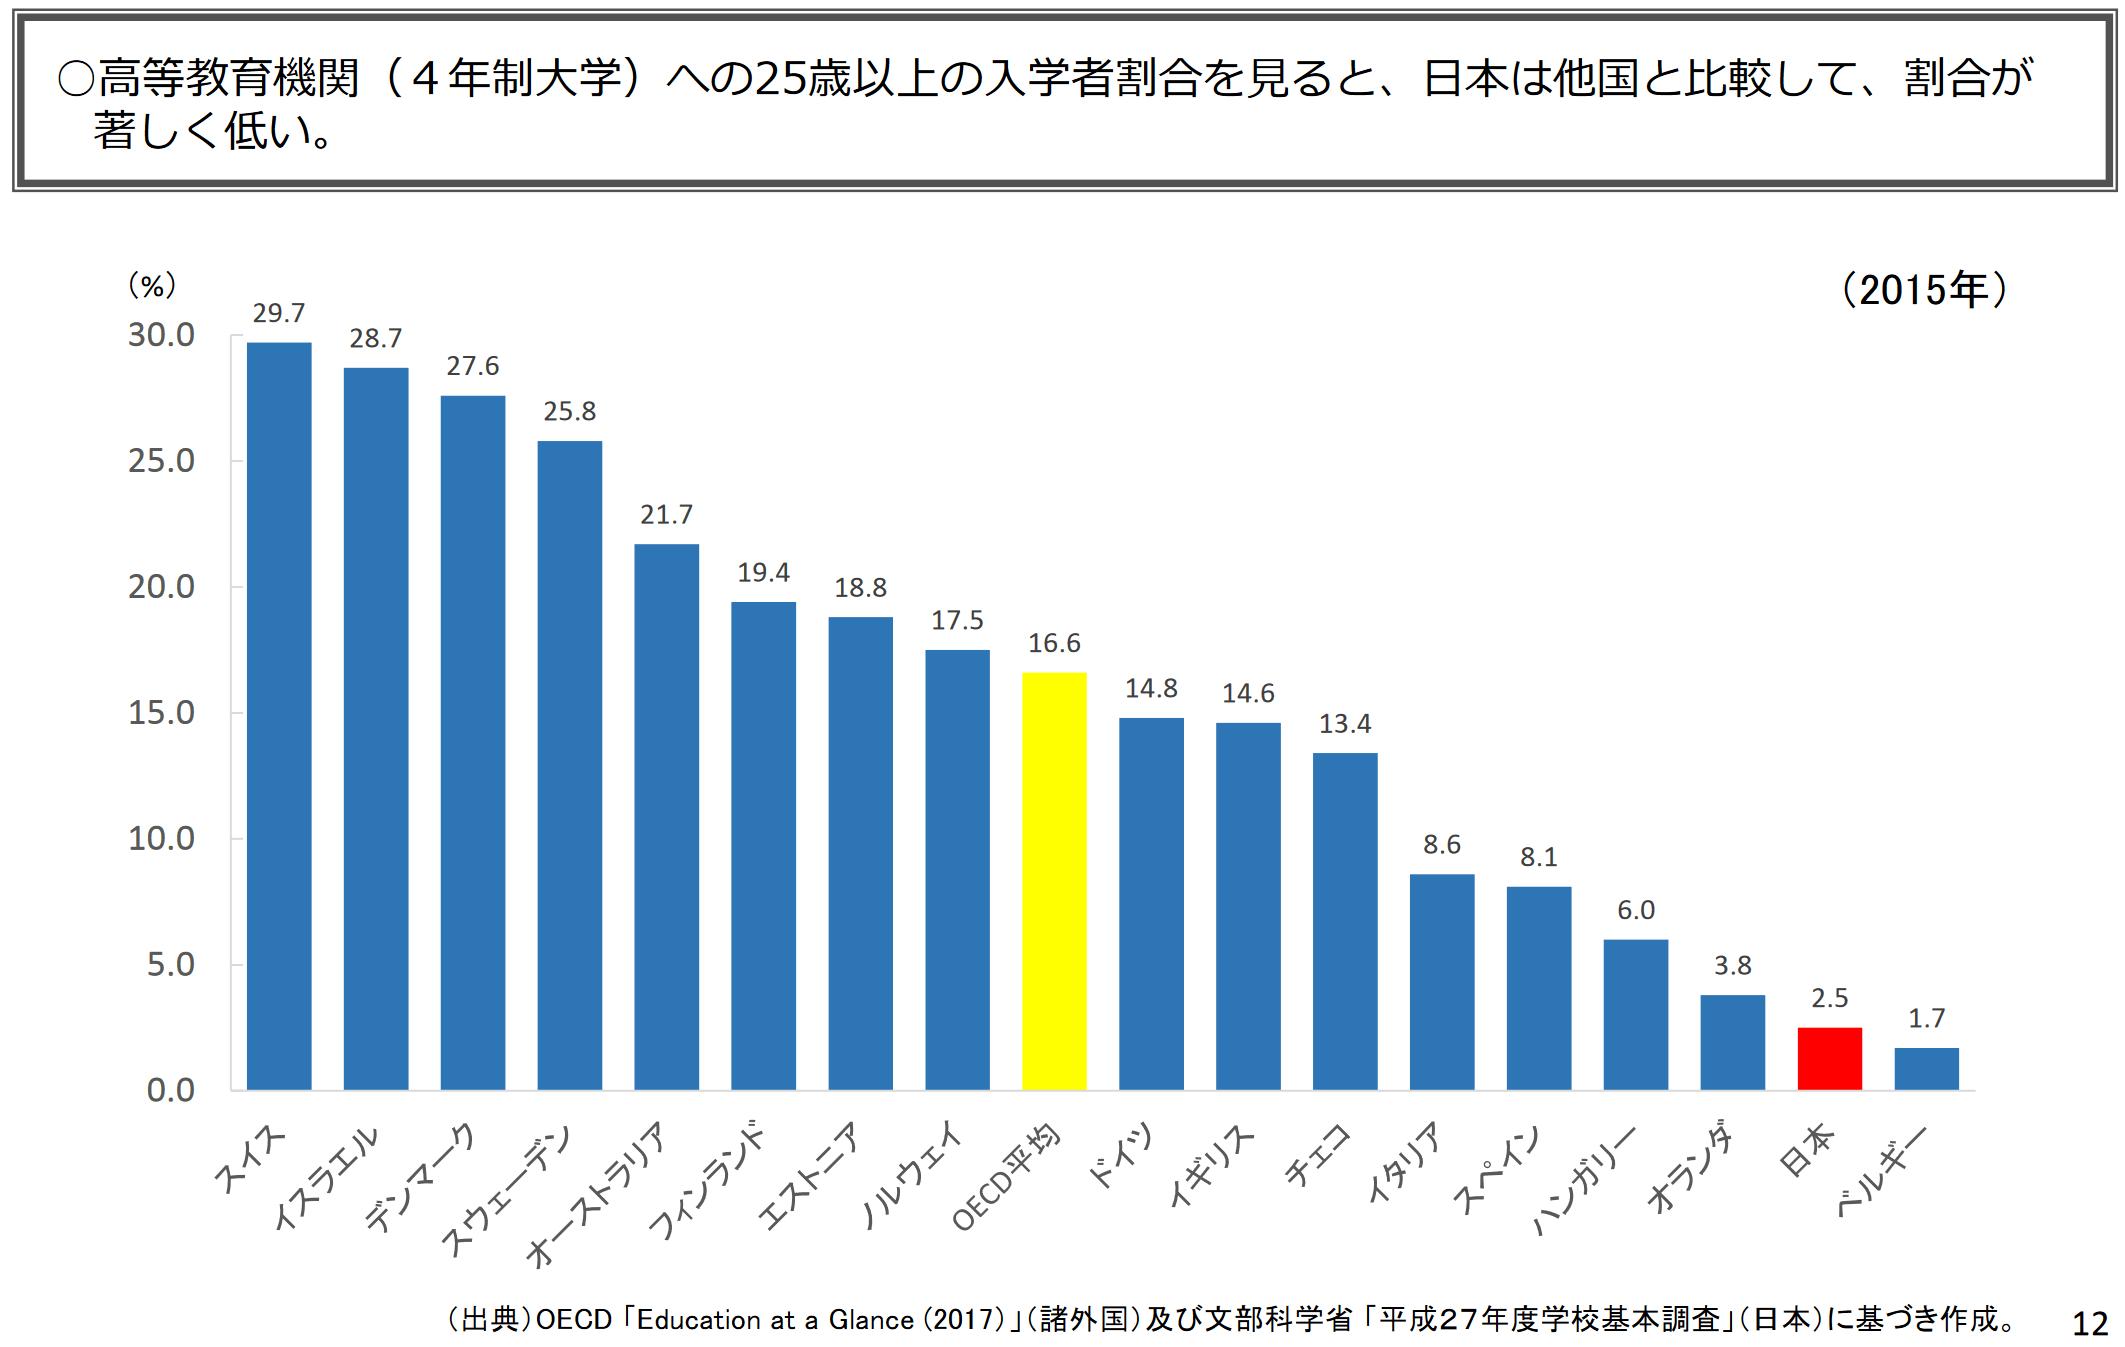 高等教育機関への25歳以上の入学者割合